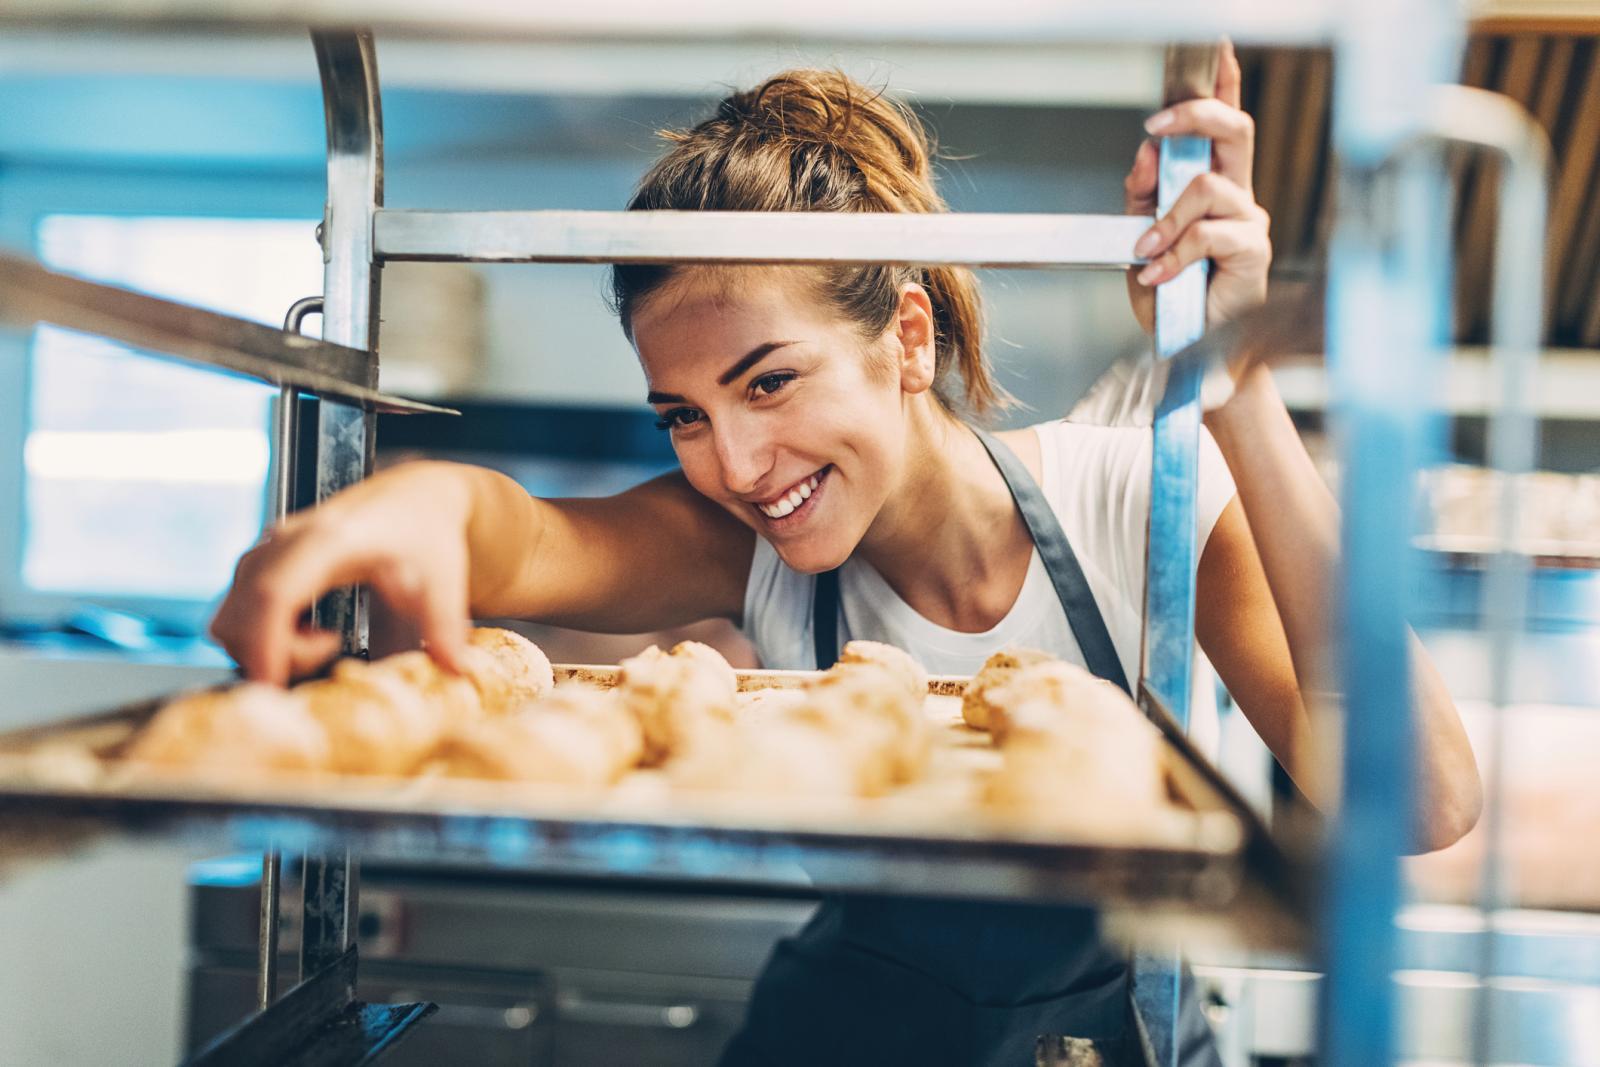 Mnogi tvrde da bezglutenska prehrana pomaže u mršavljenju, što je i jedan od glavnih razloga njezine popularnosti